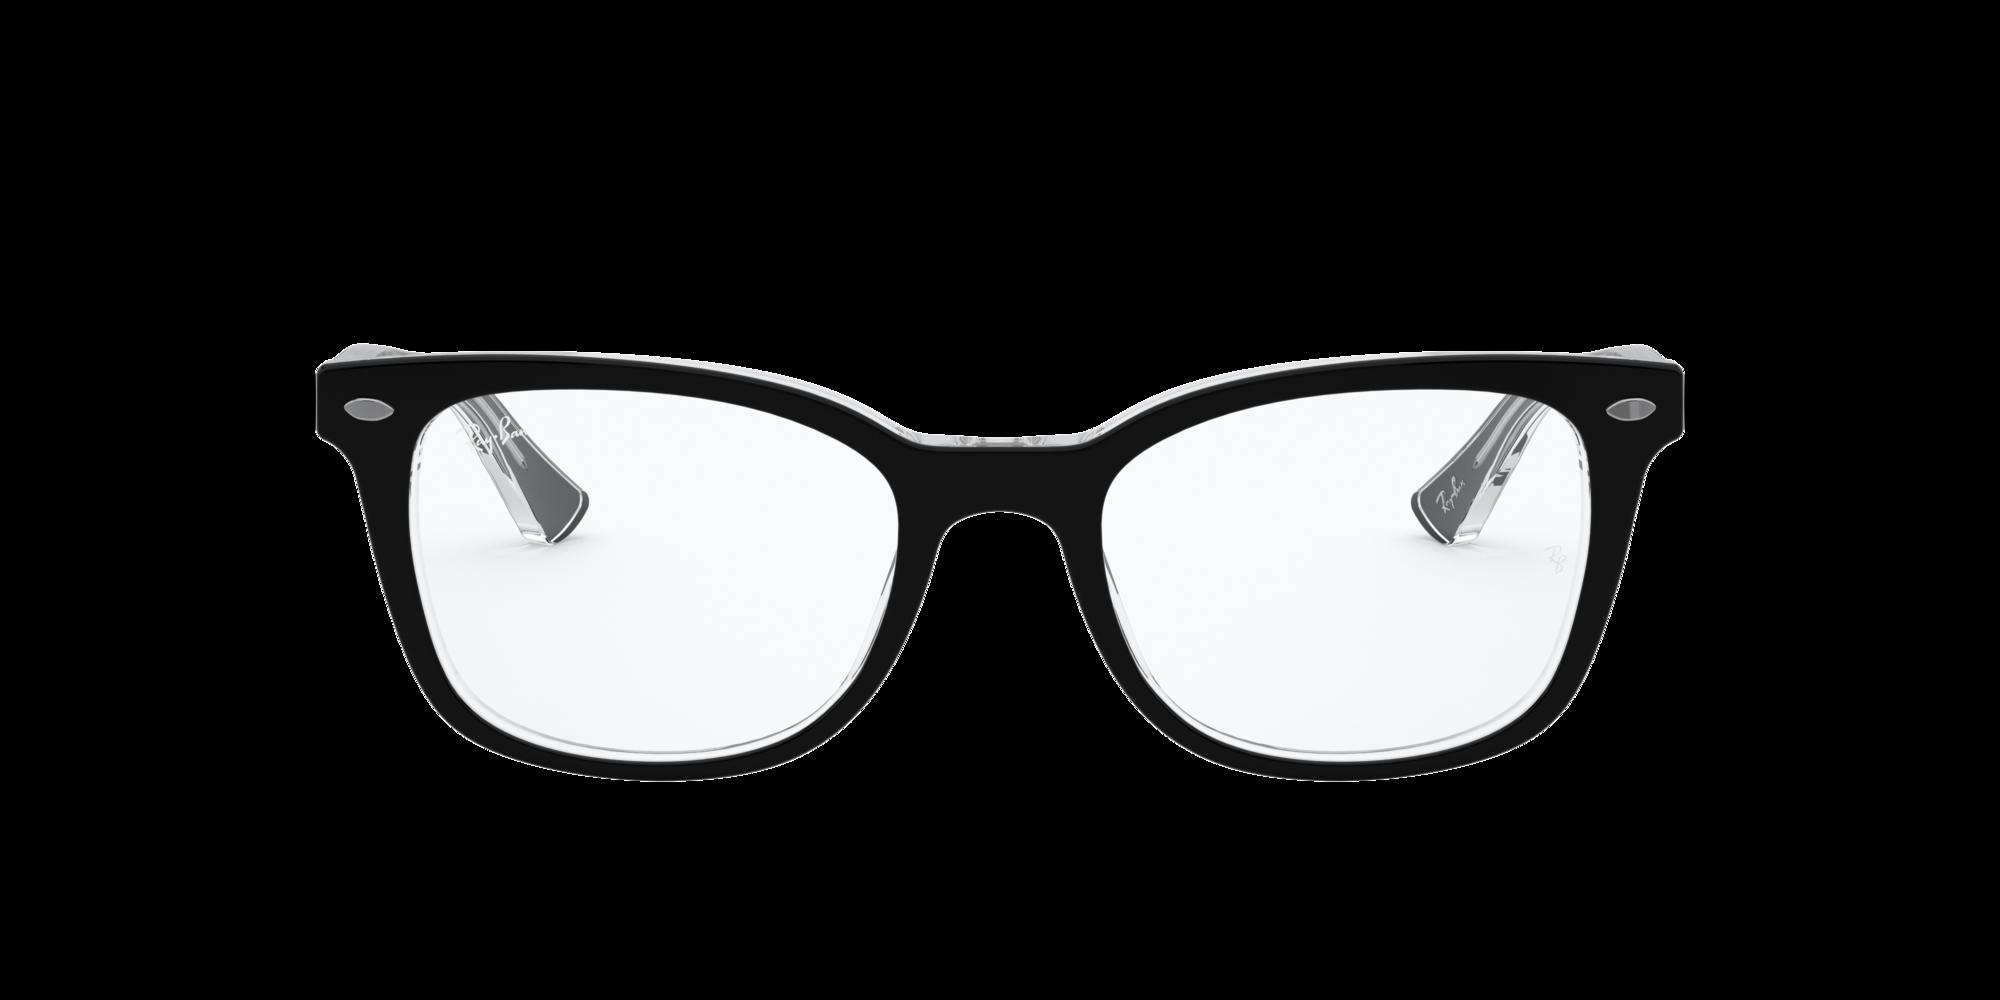 Imagen para RX5285 de LensCrafters |  Espejuelos, espejuelos graduados en línea, gafas